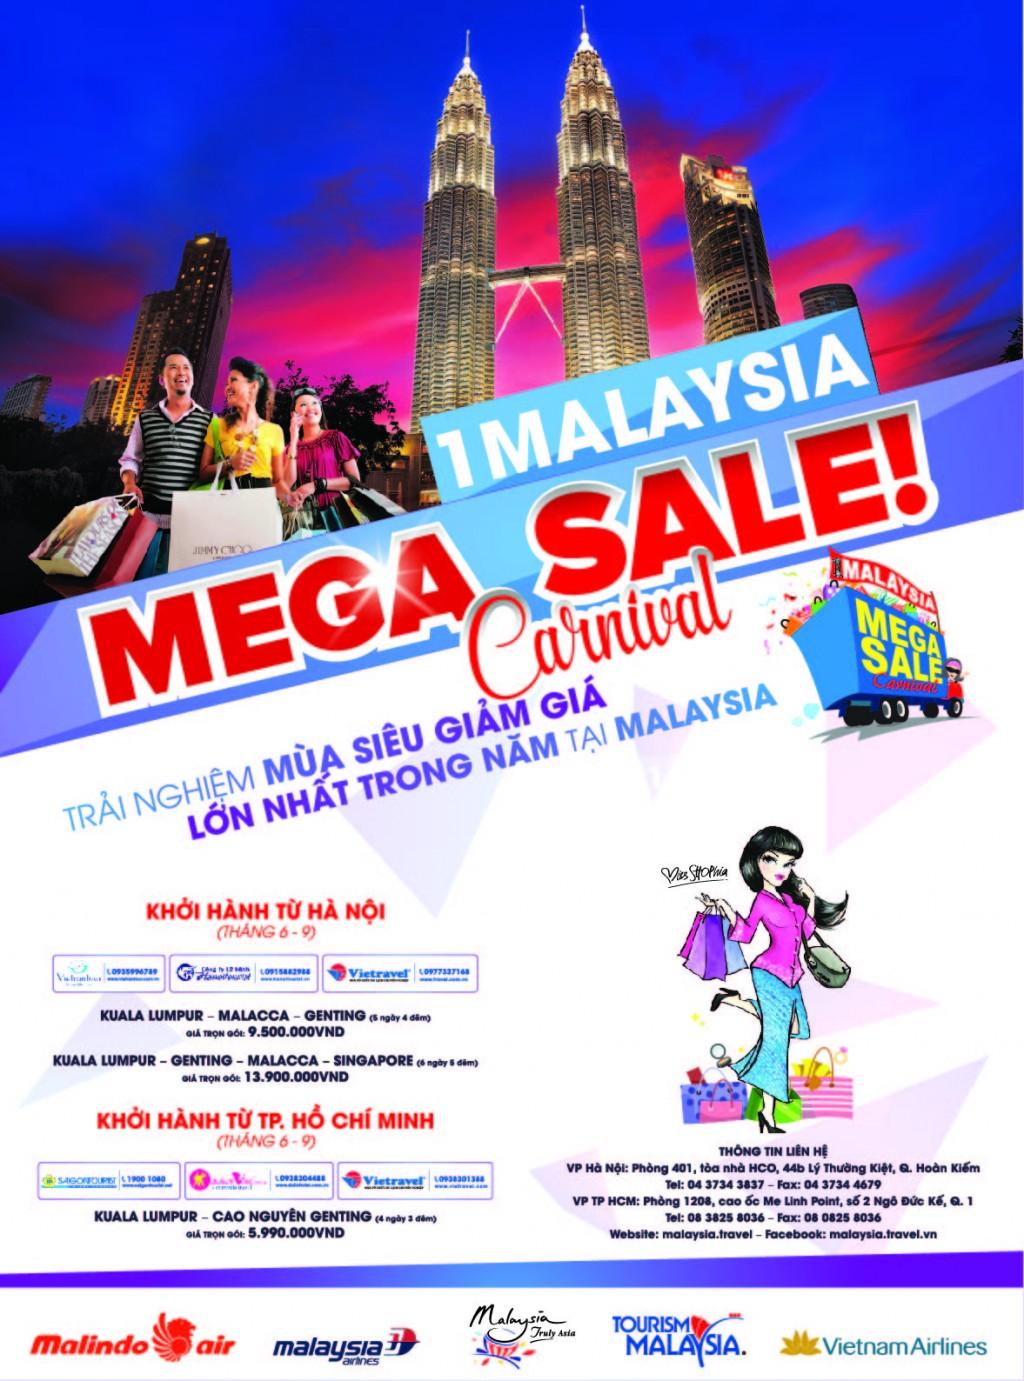 1Malaysia Mega Sale là một trong 3 chiến dịch mua sắm quốc gia hàng năm nhằm quảng bá Malaysia là điểm đến mua sắm lý tưởng cho du khách trong nước và quốc tế.